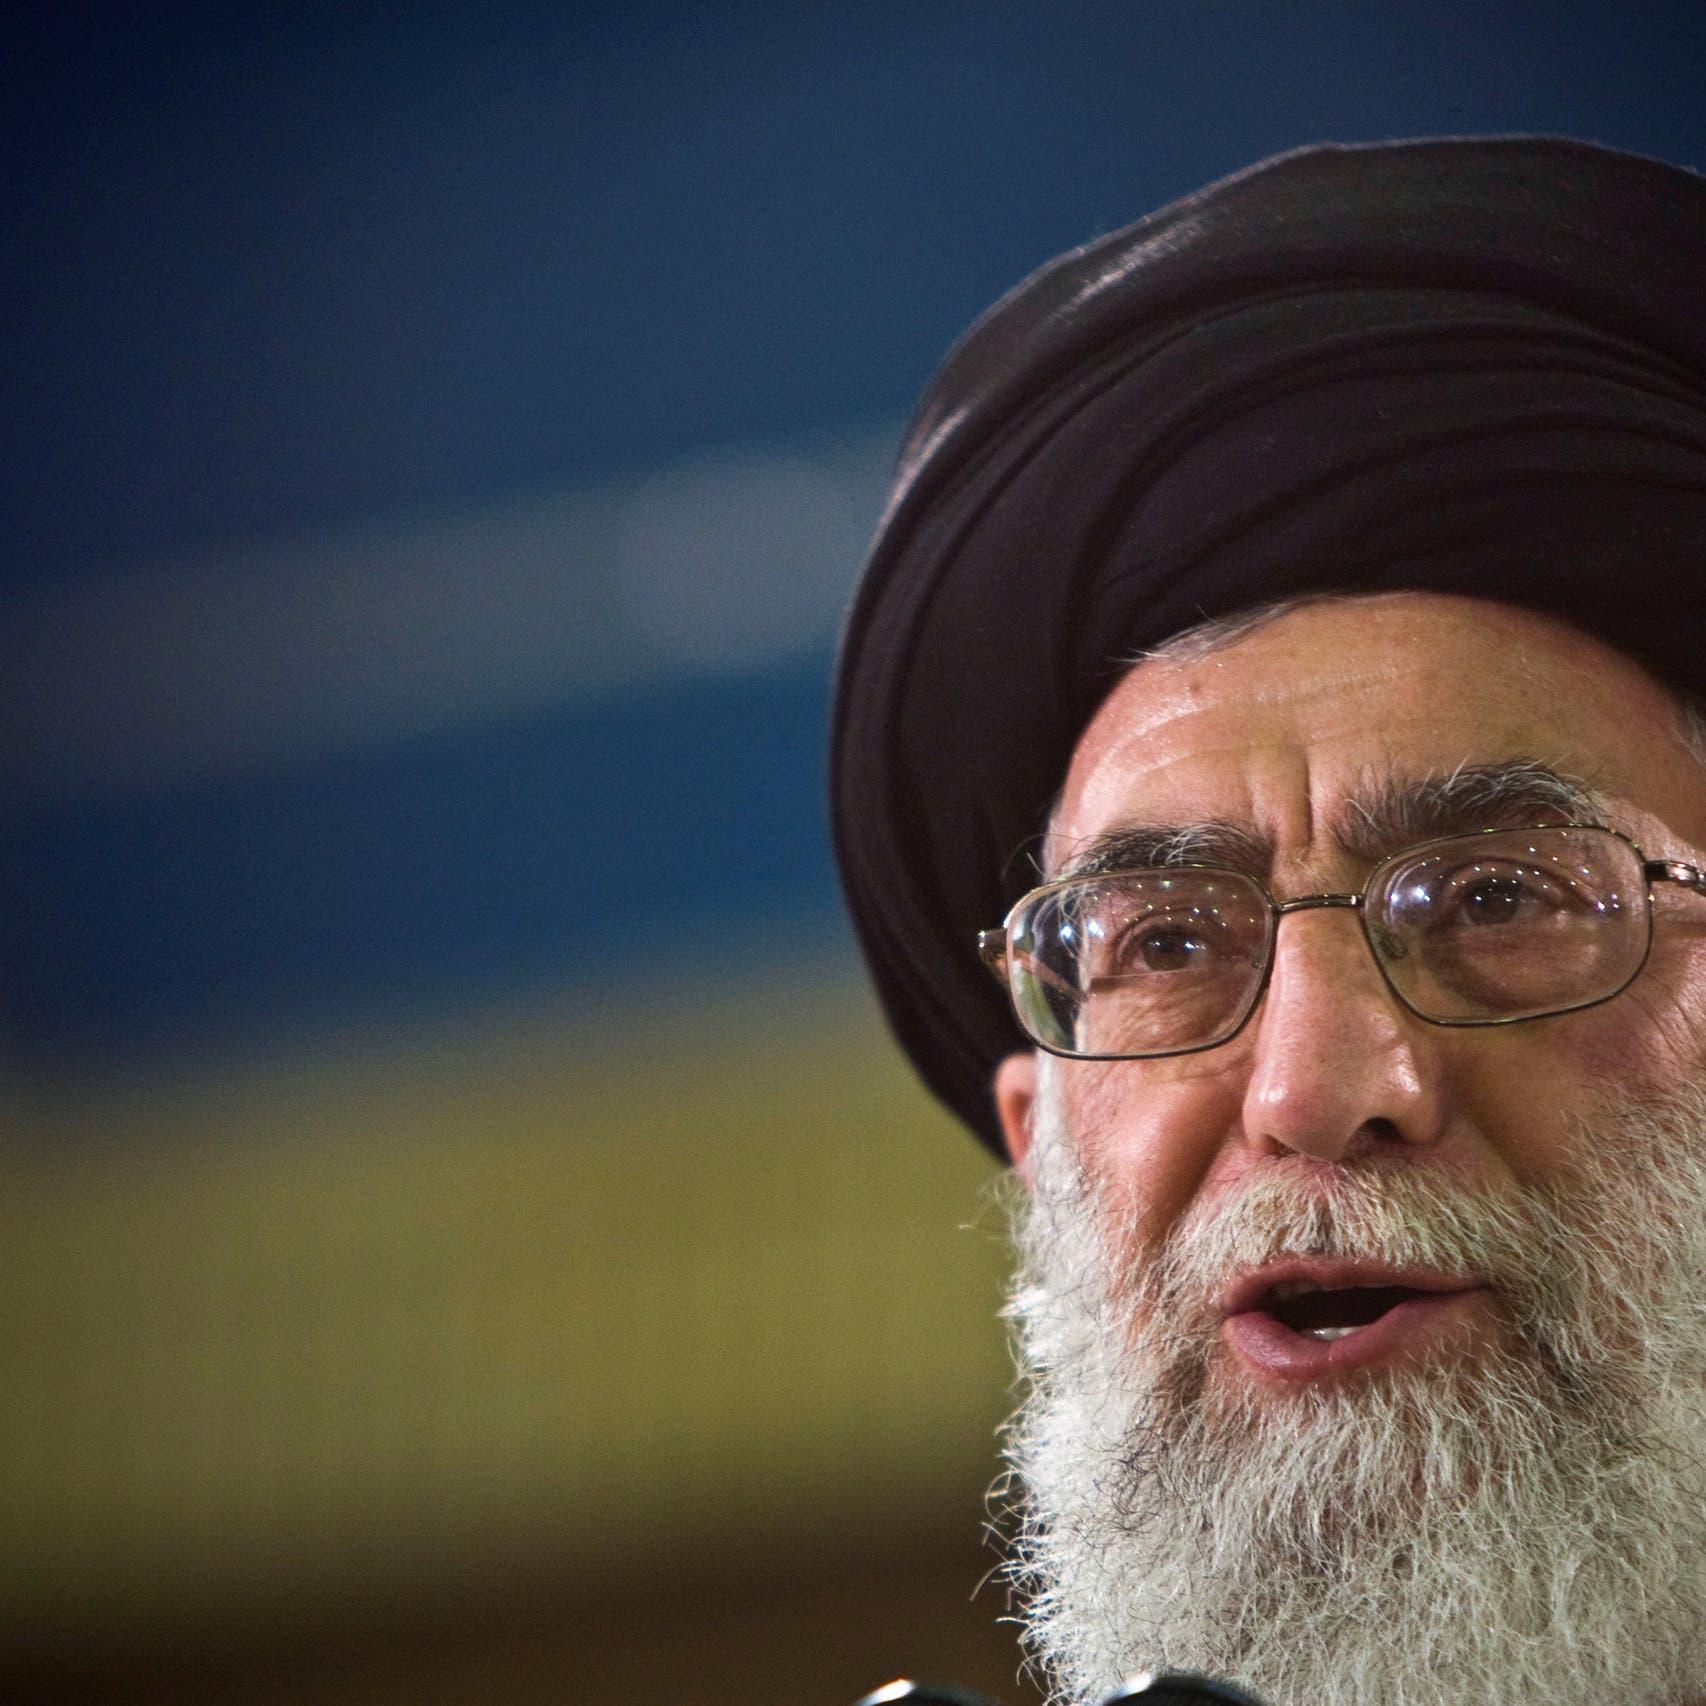 كيف يتحكم خامنئي بوسائل الإعلام الإيرانية؟